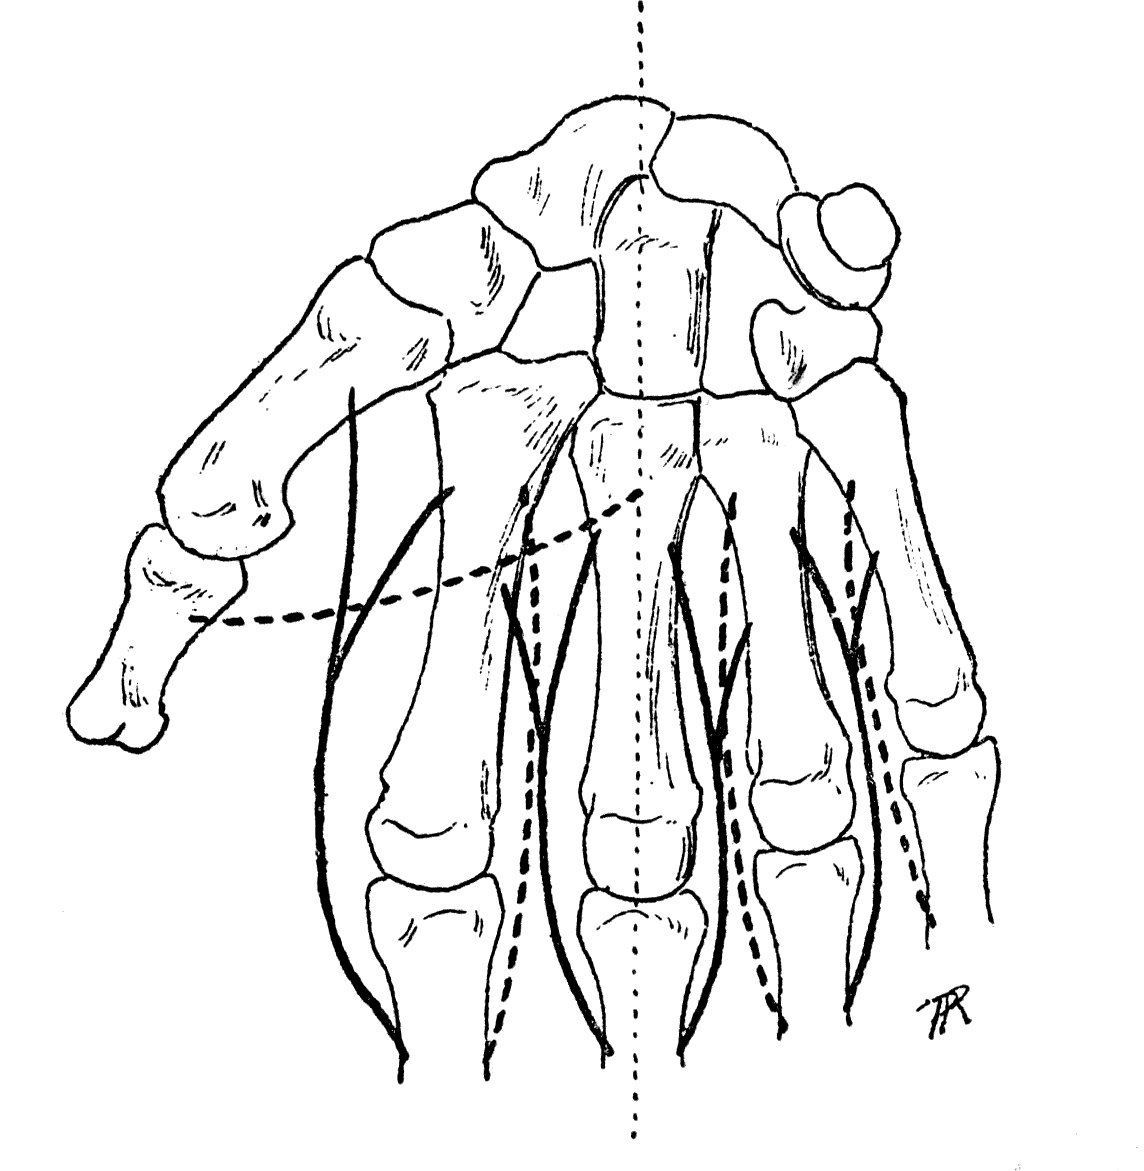 関節 中 手指 節